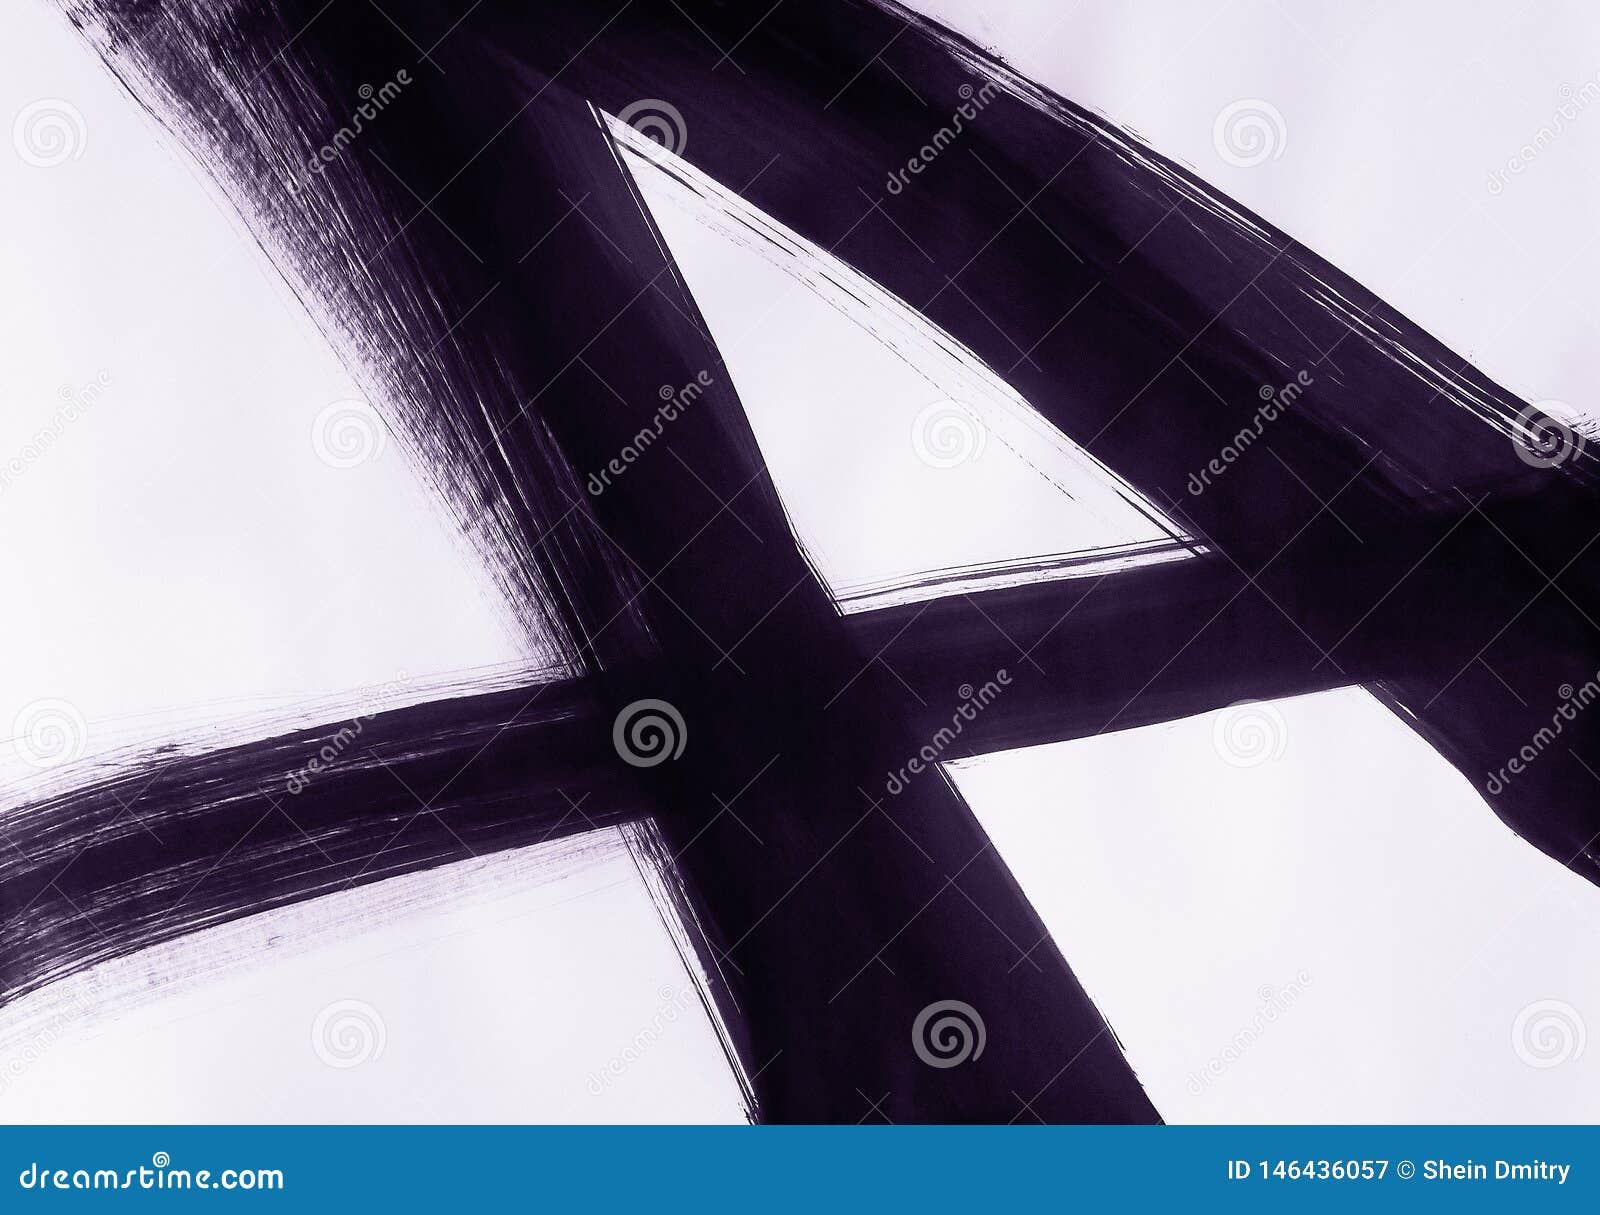 Une brosse dessin?e directement trois lignes de intersection et former le num?ro quatre